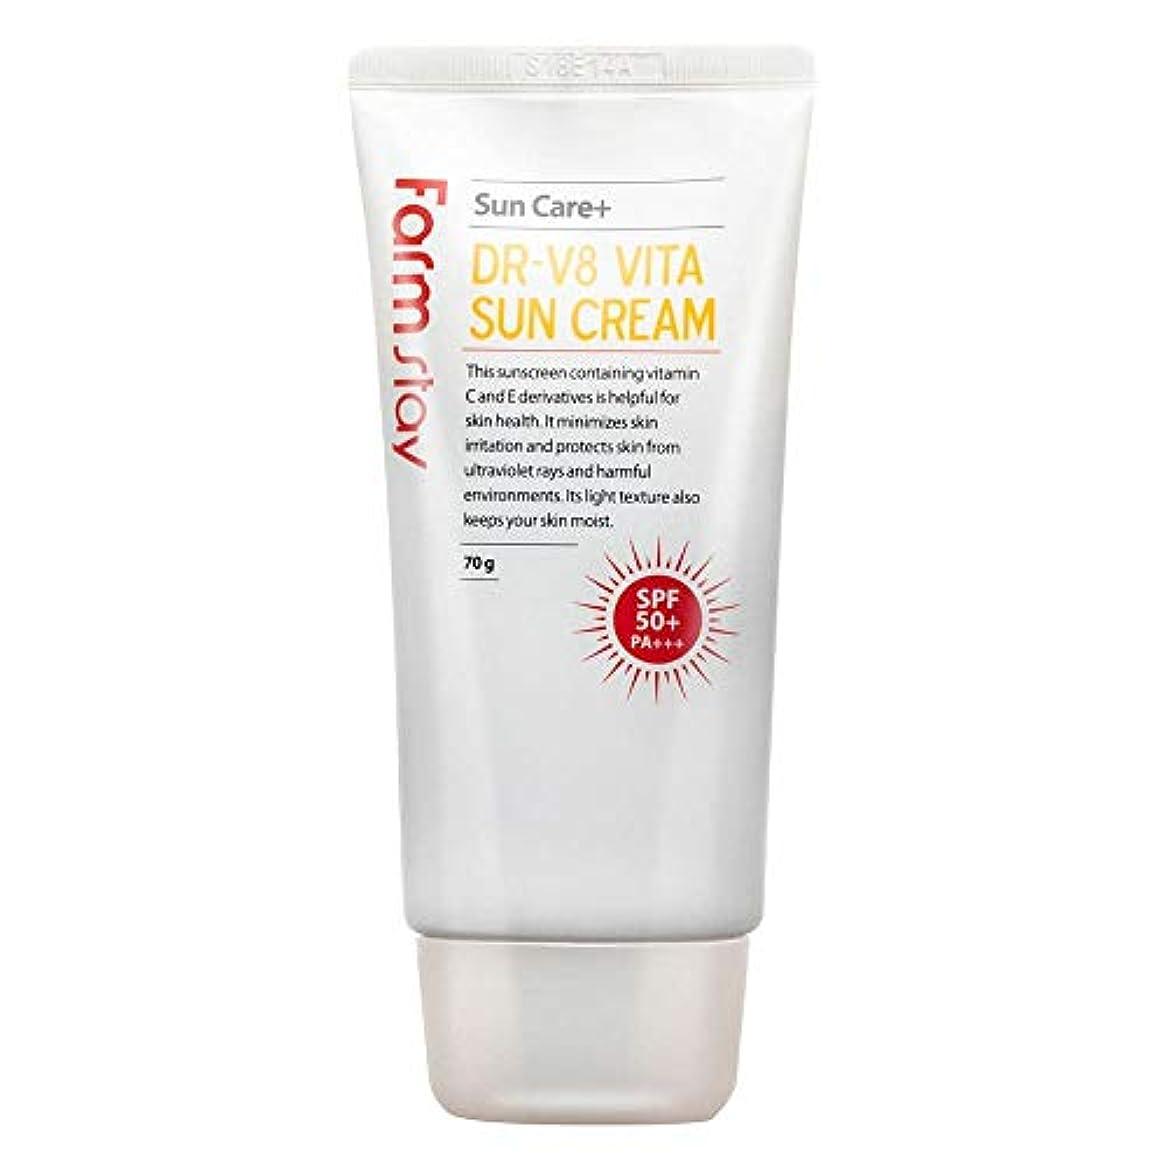 顔料キャッシュかけがえのないファームステイ[Farm Stay] DR-V8 ヴィータサンクリーム 70g (しっとりUVカット) / Vita Sun Cream